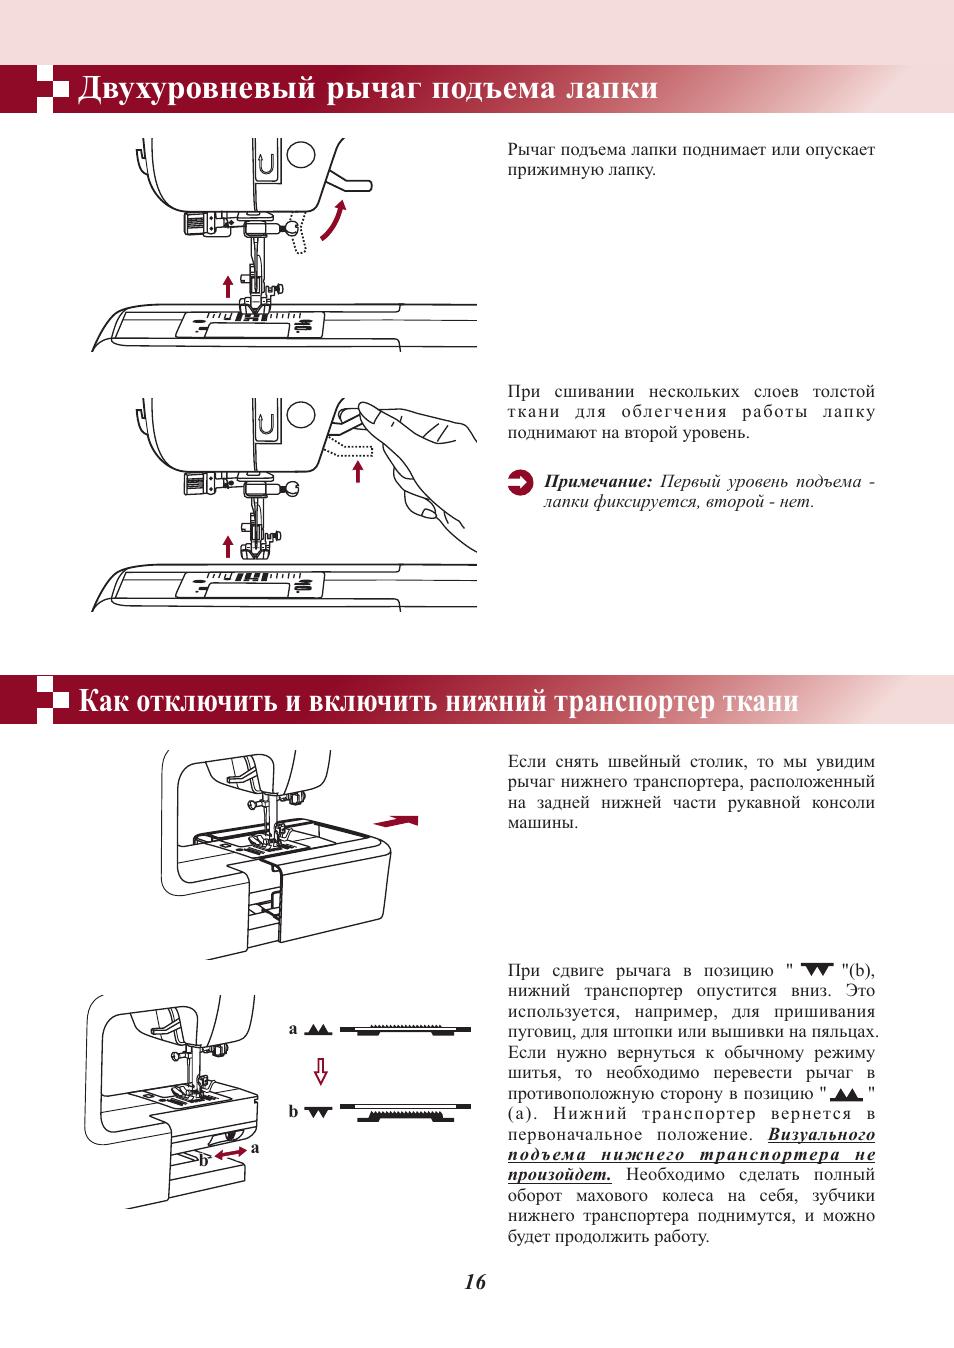 Для чего отключать нижний транспортер в фольксваген транспортер т4 б у в москве